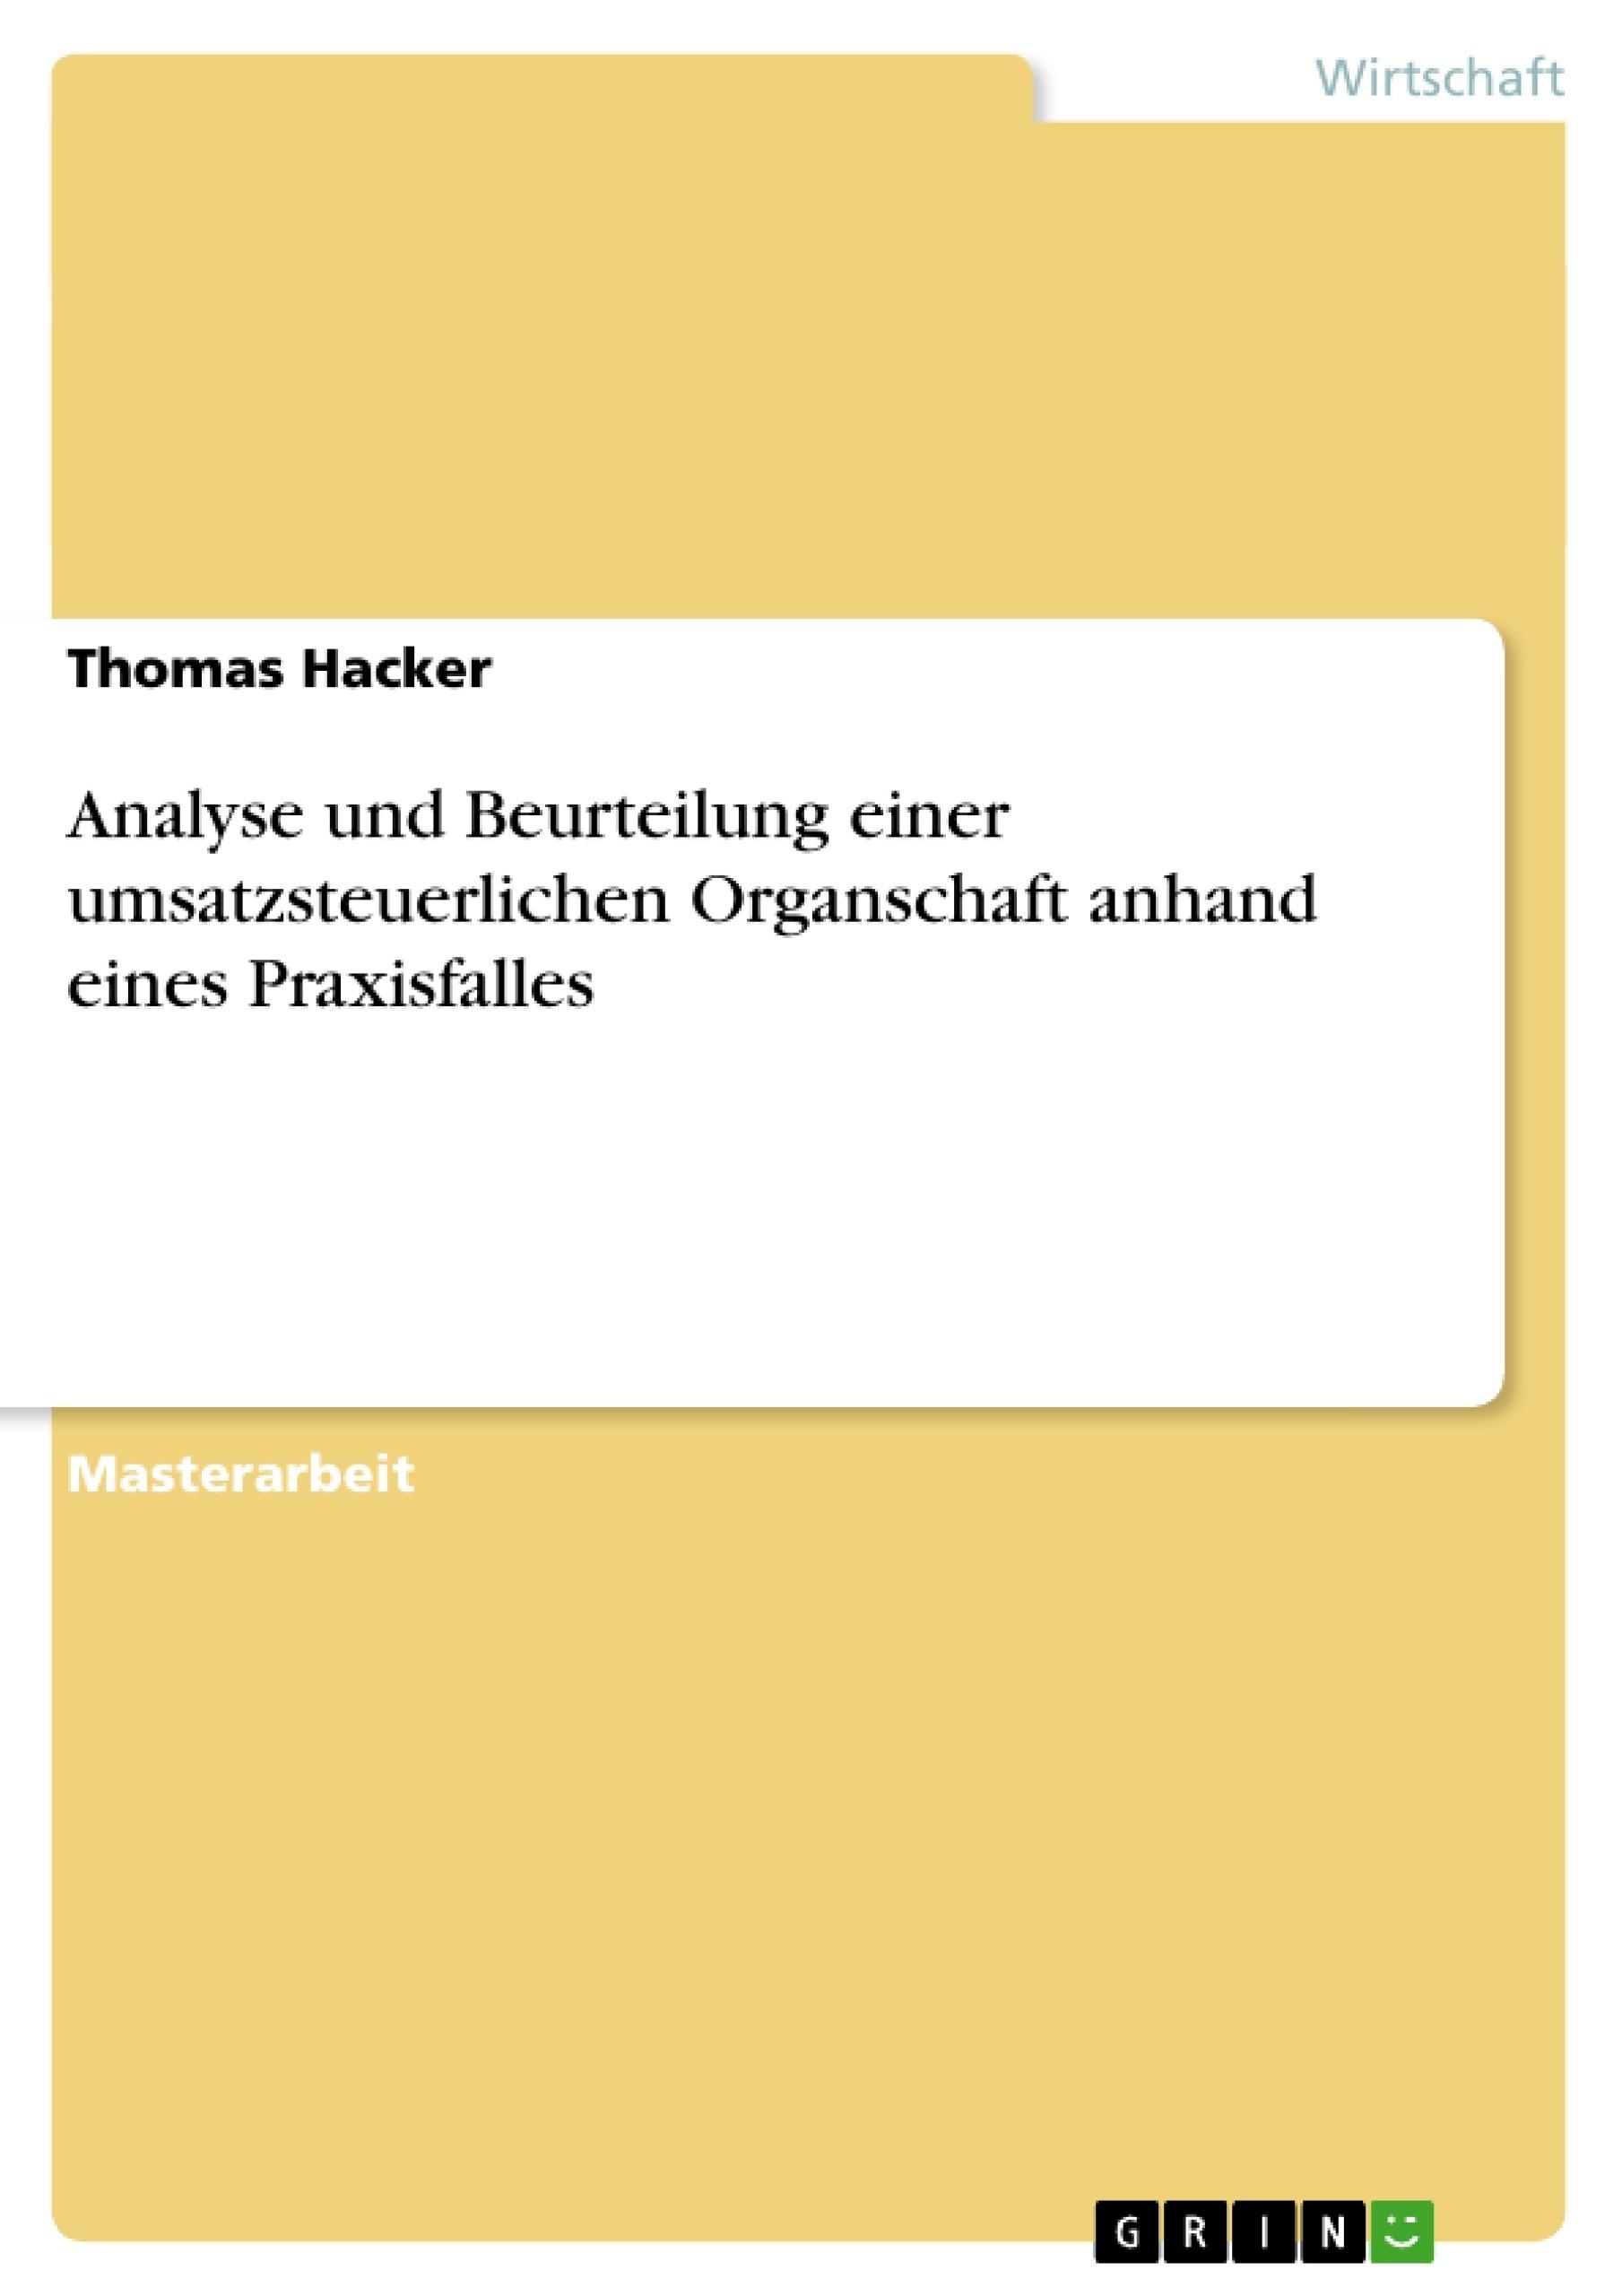 Titel: Analyse und Beurteilung einer umsatzsteuerlichen Organschaft anhand eines Praxisfalles